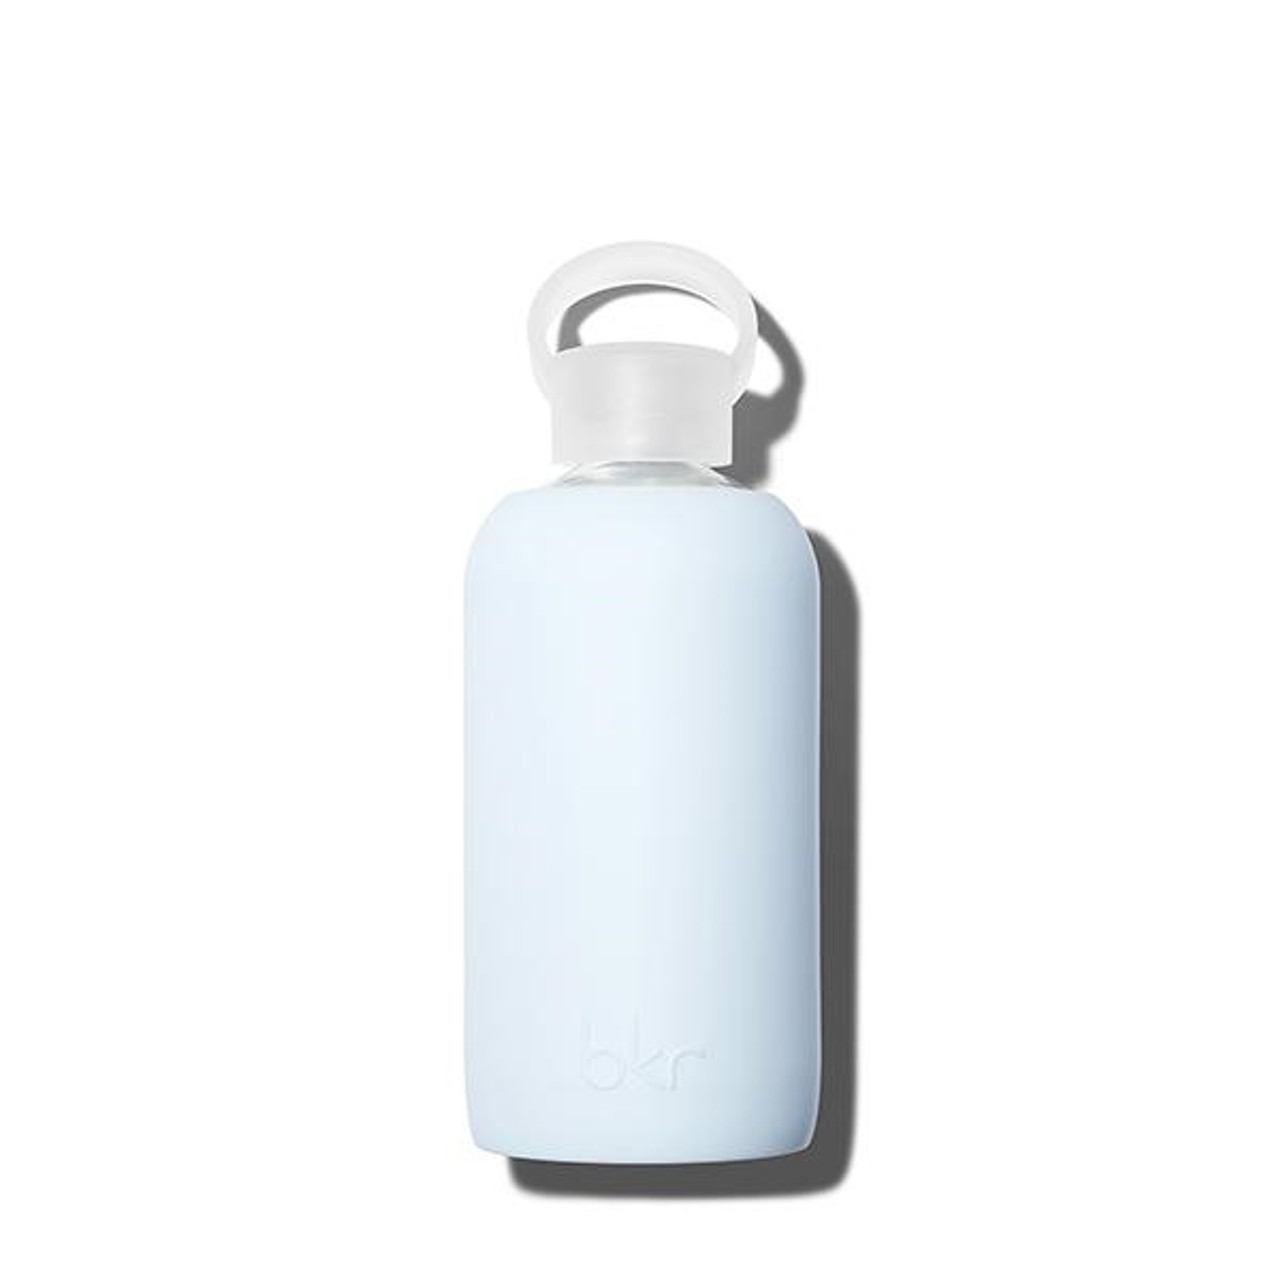 bkr Glass Water Bottle - Sky Blue 500ml